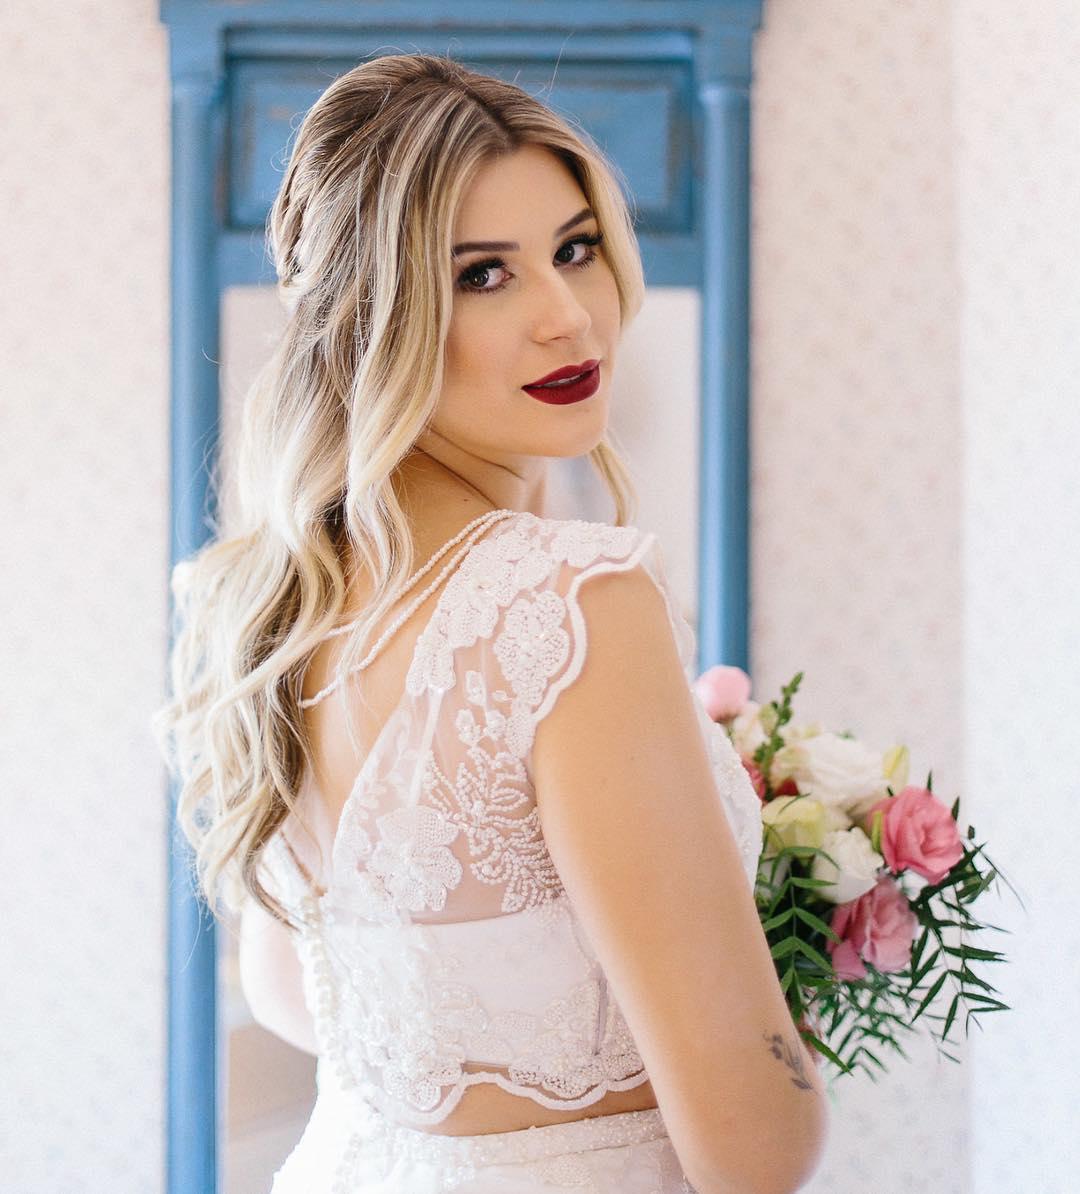 Niina Secrets escolheu um vestido de noiva bem princesa para o casamento https://t.co/SpcCQtxv9i